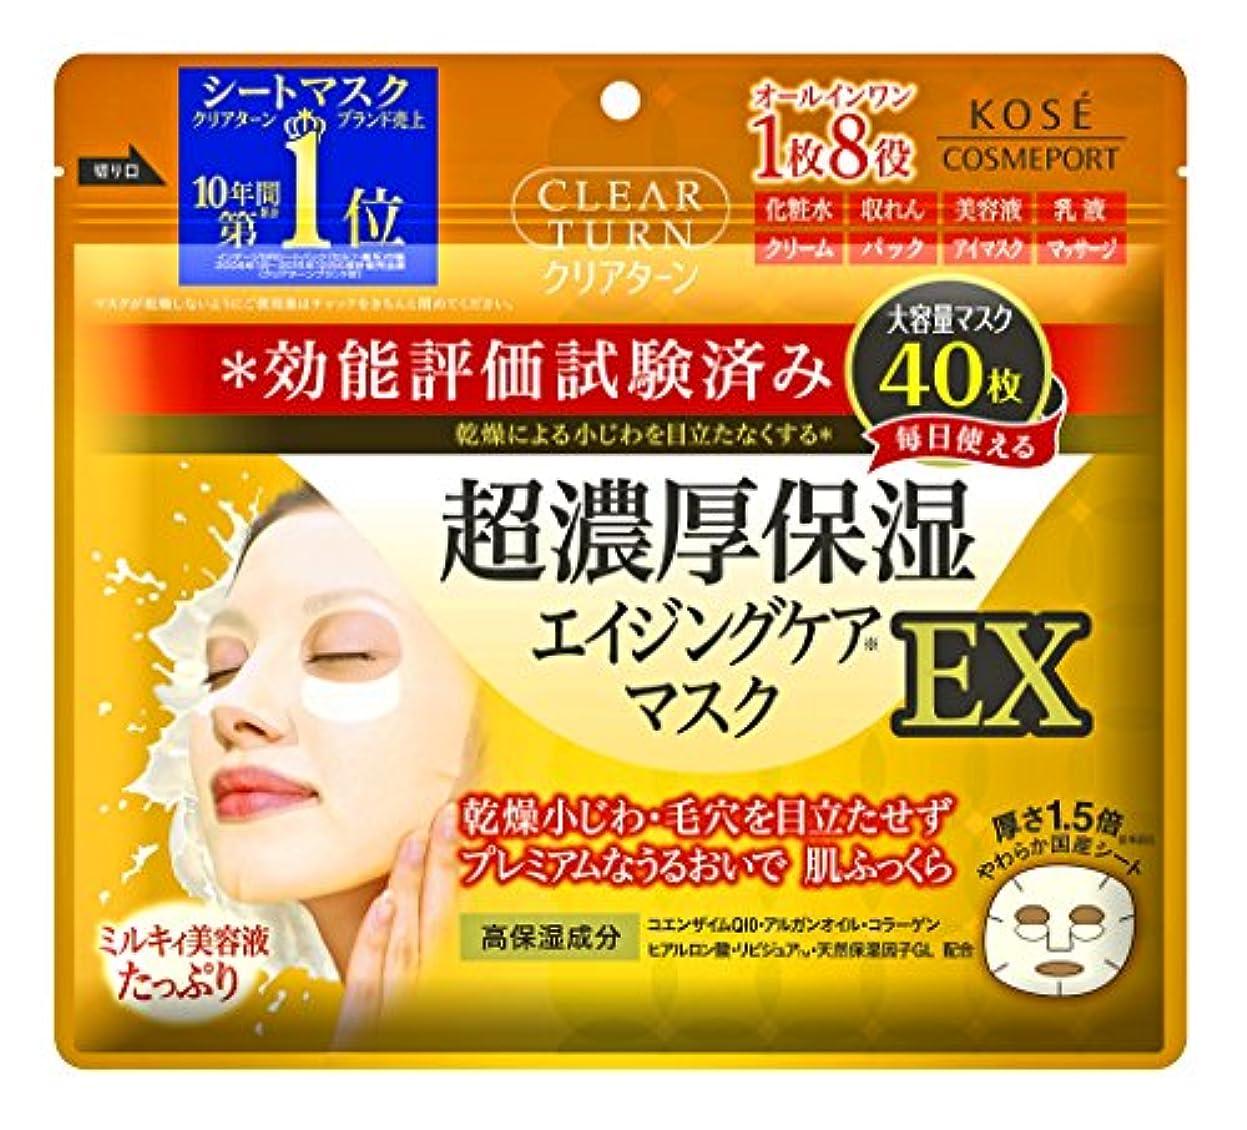 メロディー漏れ電極KOSE コーセー クリアターン 超濃厚 保湿 マスク EX フェイスマスク 単品 40枚